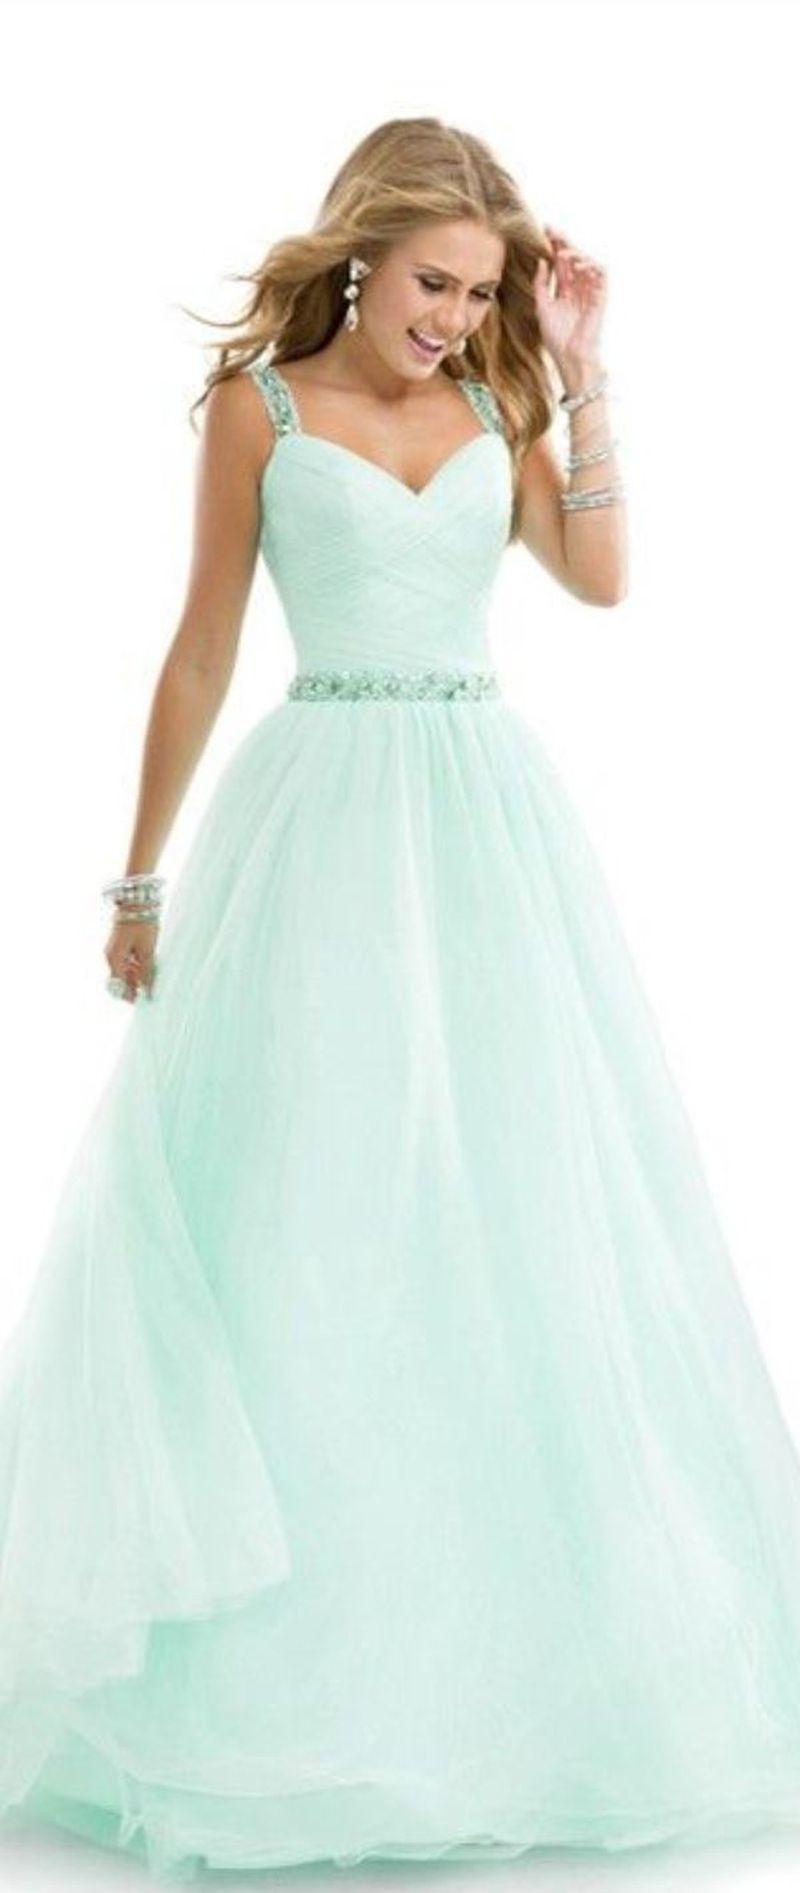 بالصور ملابس اعراس للبنات المراهقات , اجمل فساتين سهرة للعروسات الجميلات 3269 7